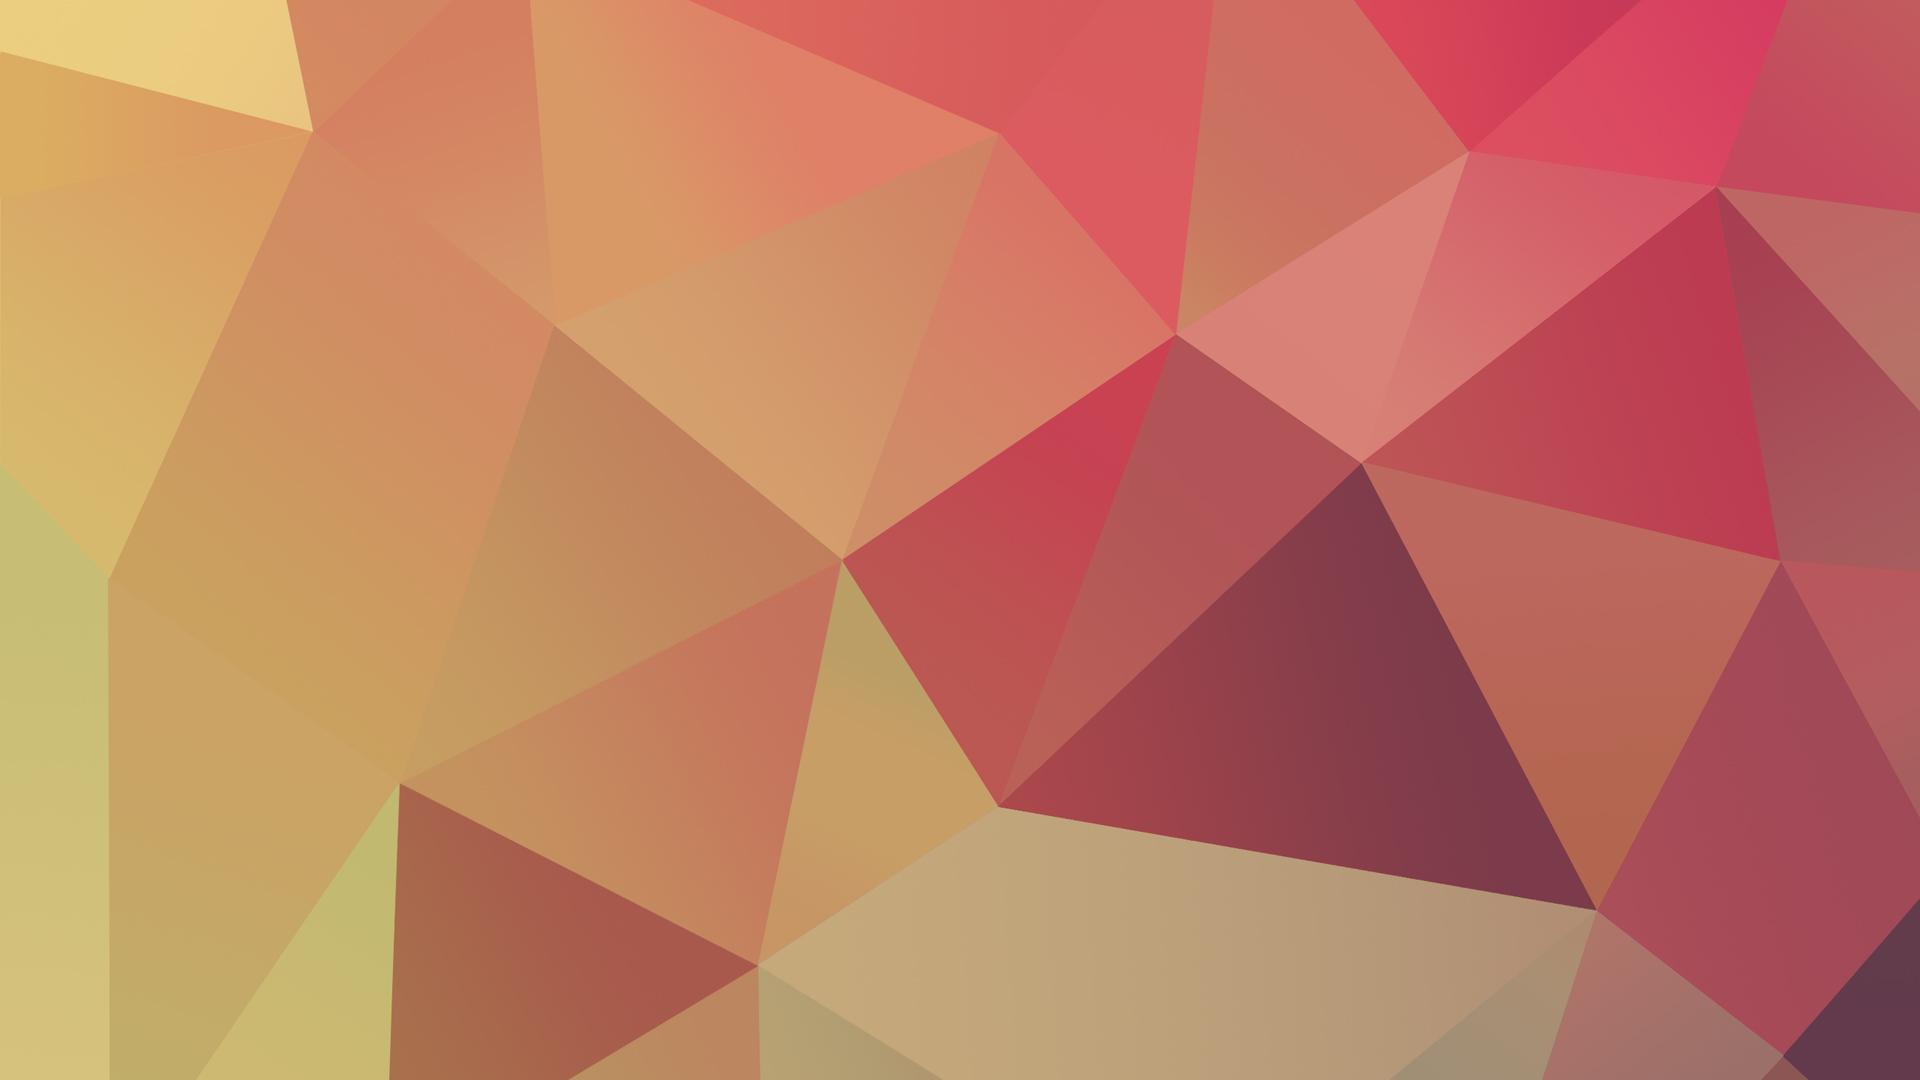 Gambar Keren 3d Wallpaper >> Nexus Wallpapers Free - WallpaperSafari